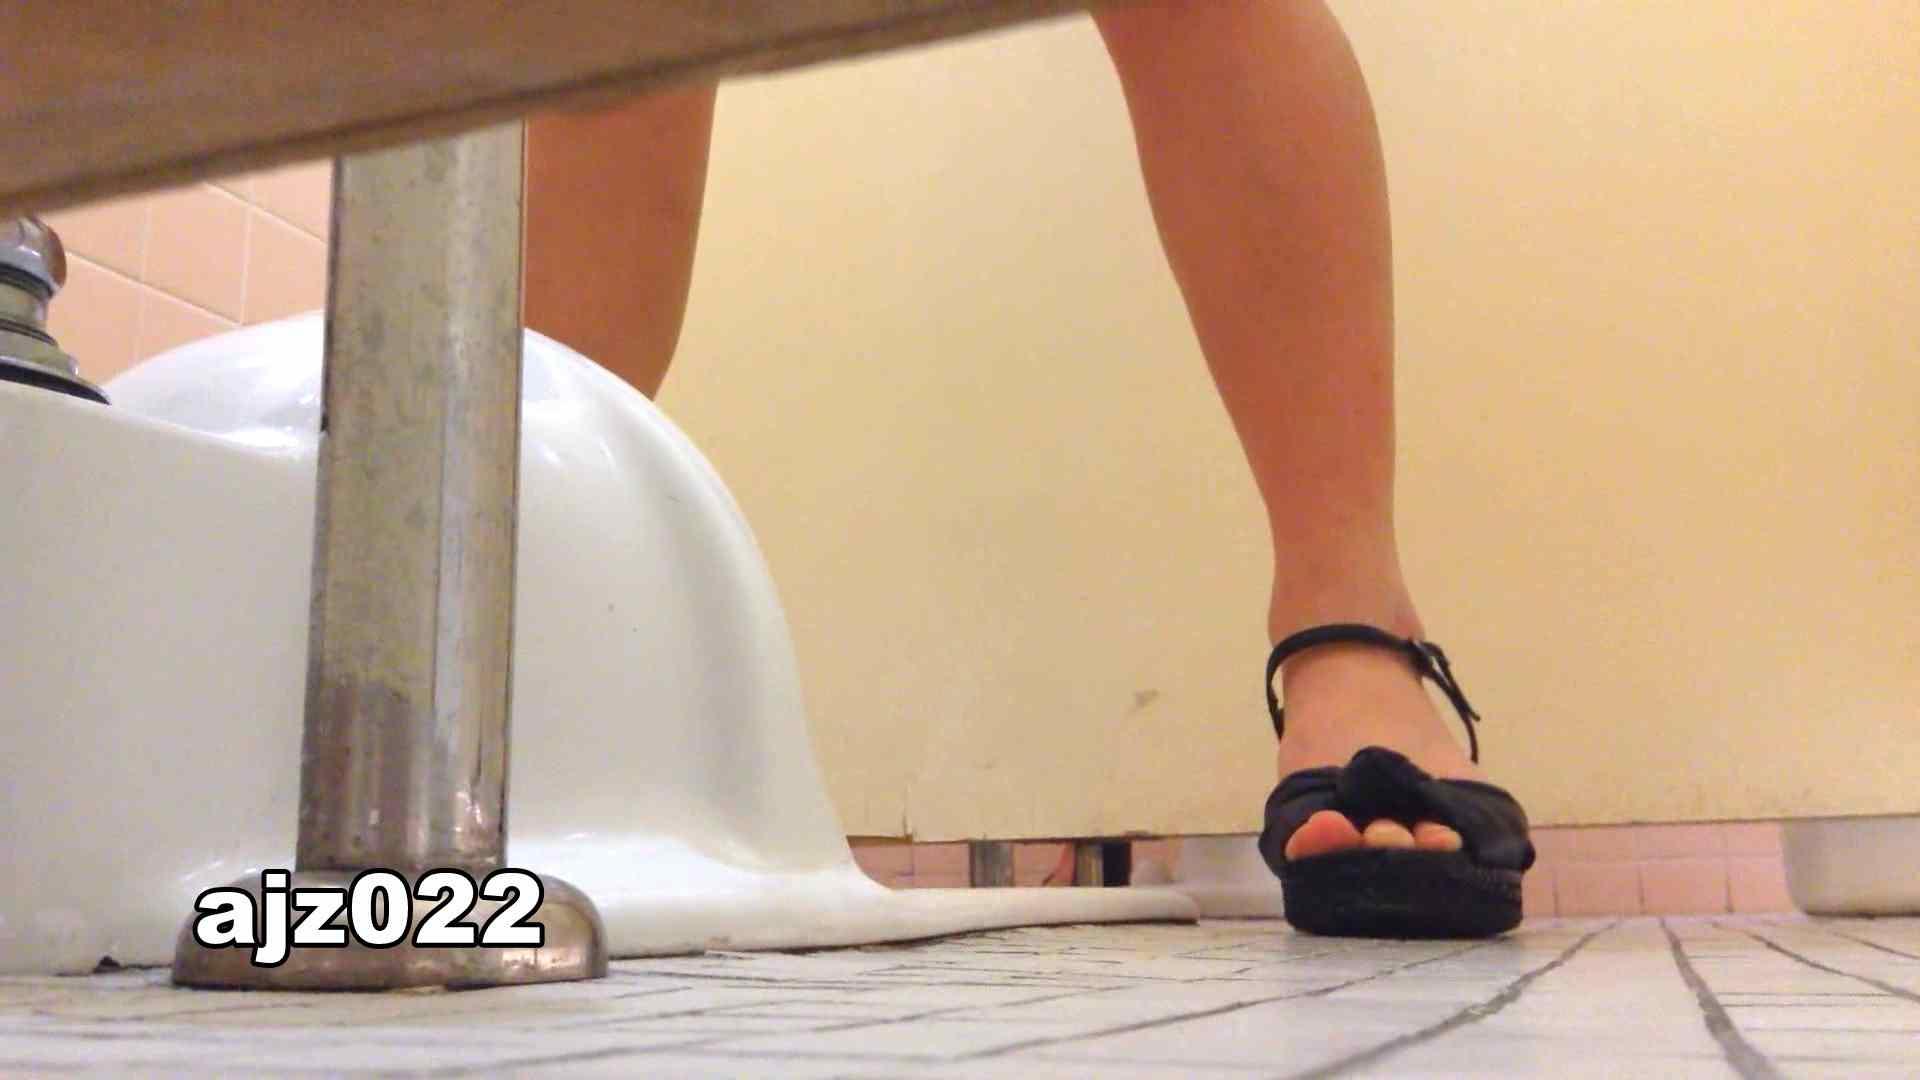 某有名大学女性洗面所 vol.22 潜入 セックス画像 92枚 29